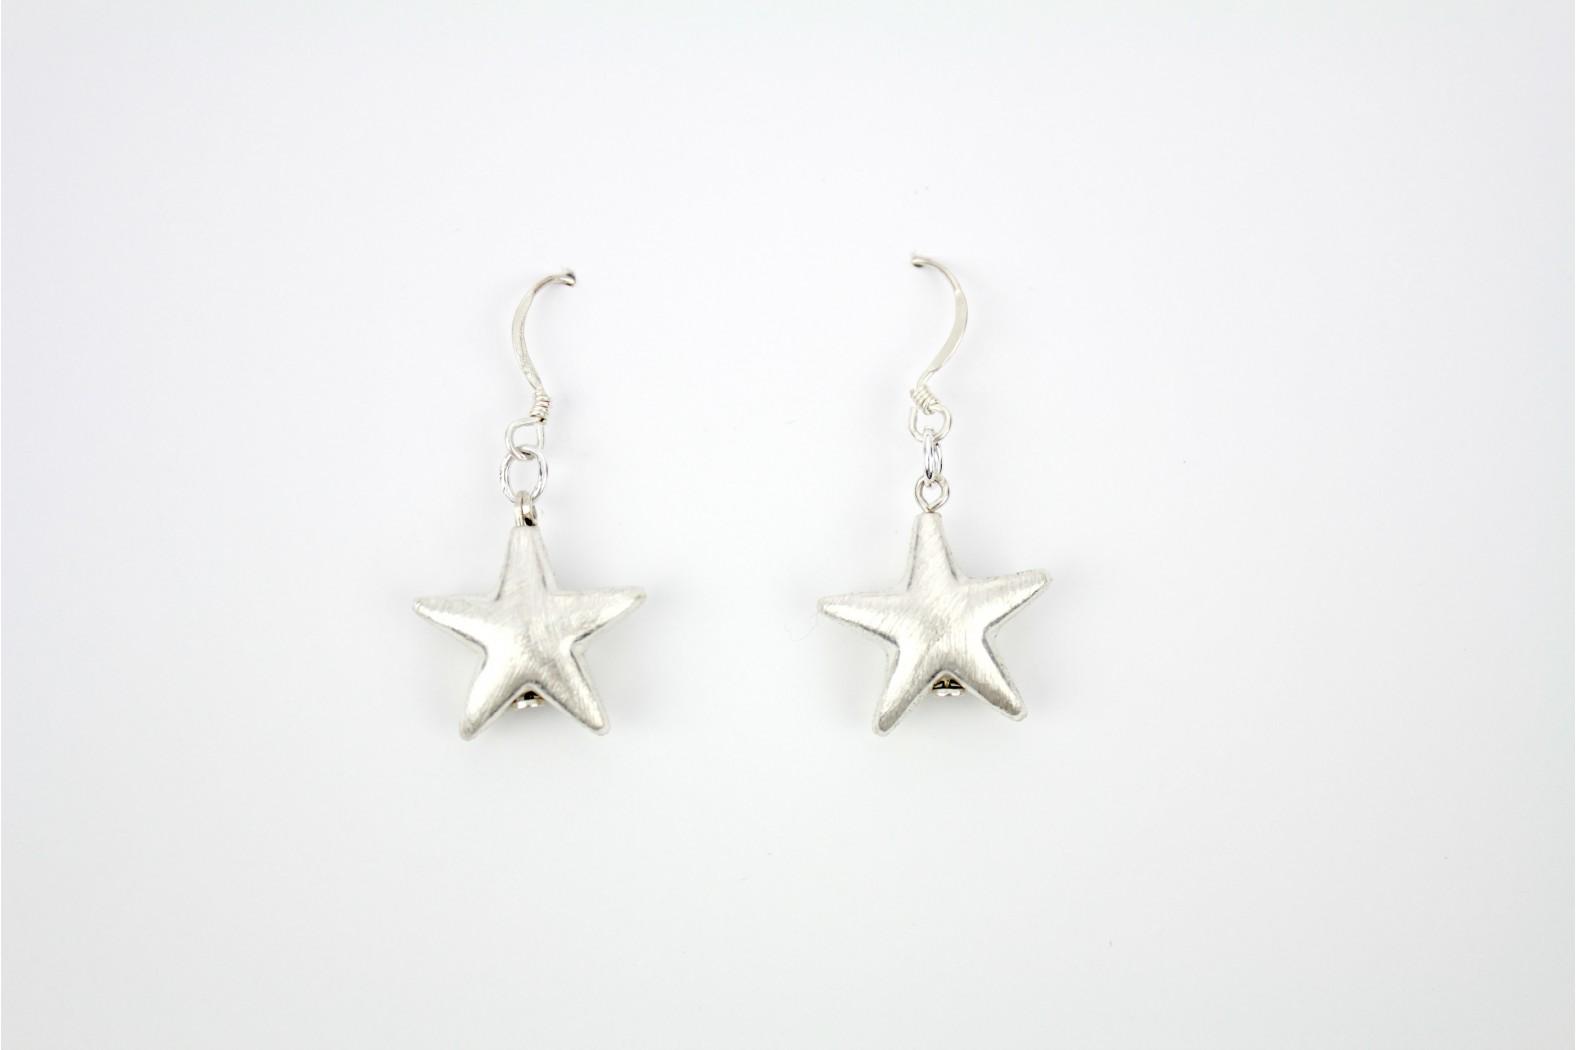 Medium Matt Silver stars drop earrings Hand Made Individual design